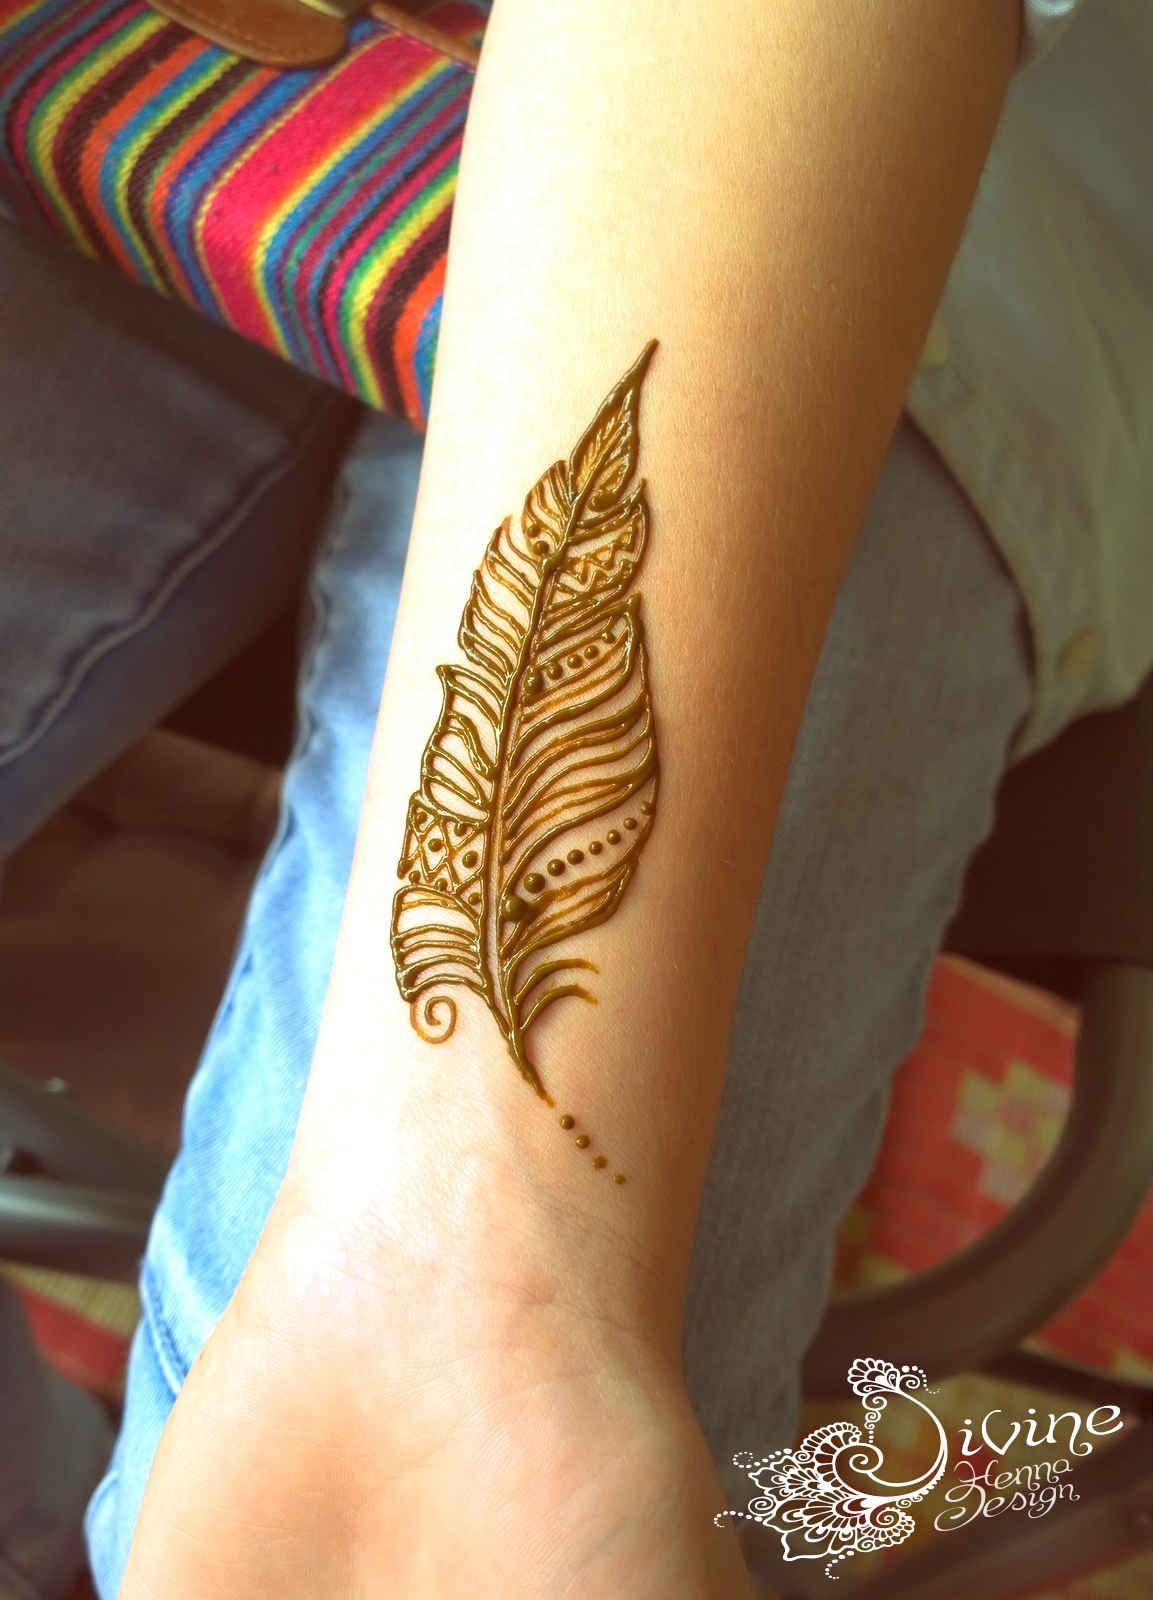 Bird Henna Tattoo Designs: Henna Feather Design - Google Search